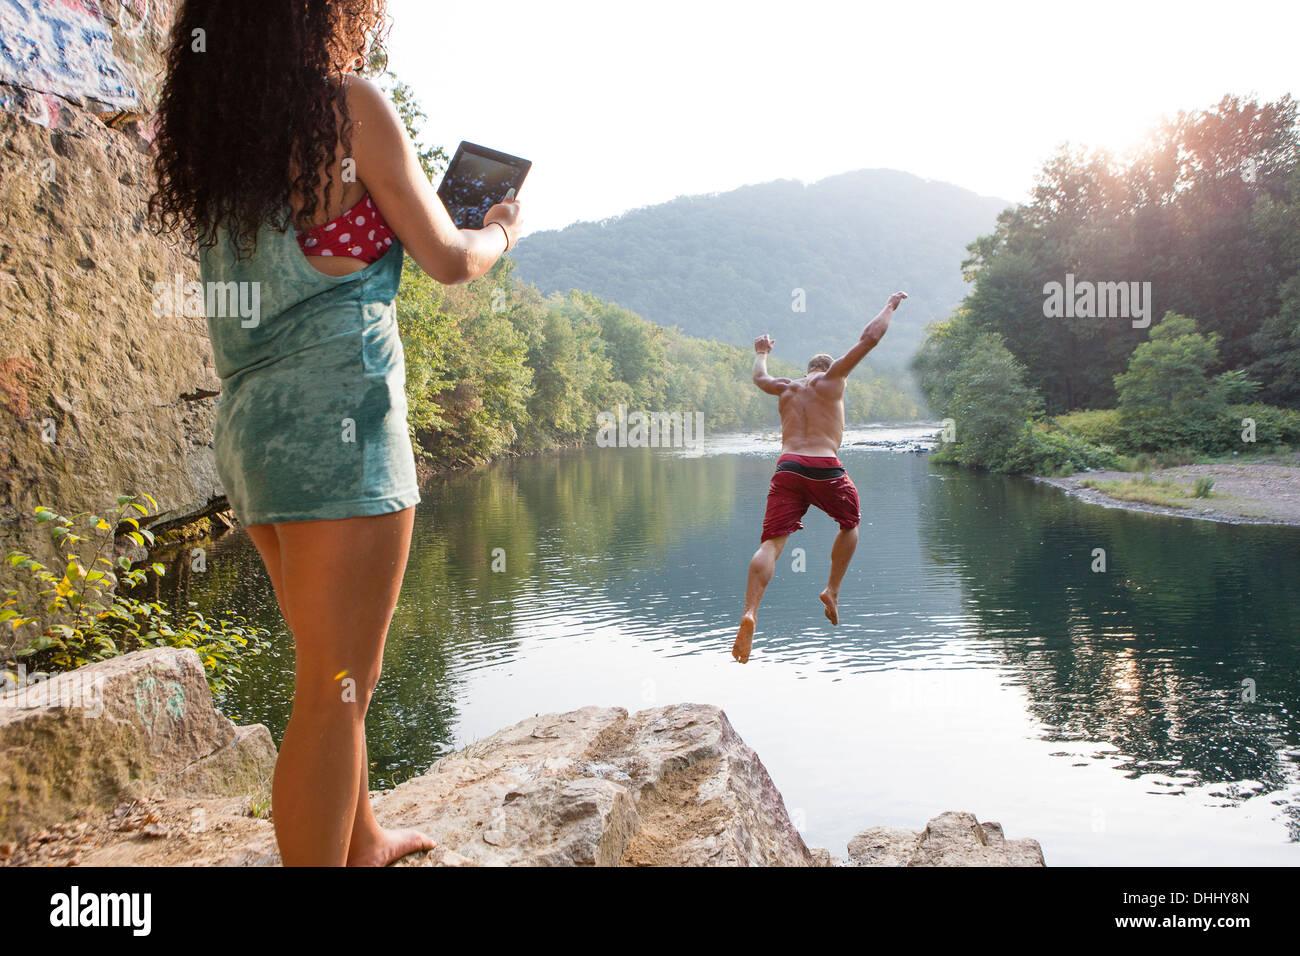 Femme photographiant copain sautant d'rock ledge, Hamburg, New York, USA Banque D'Images